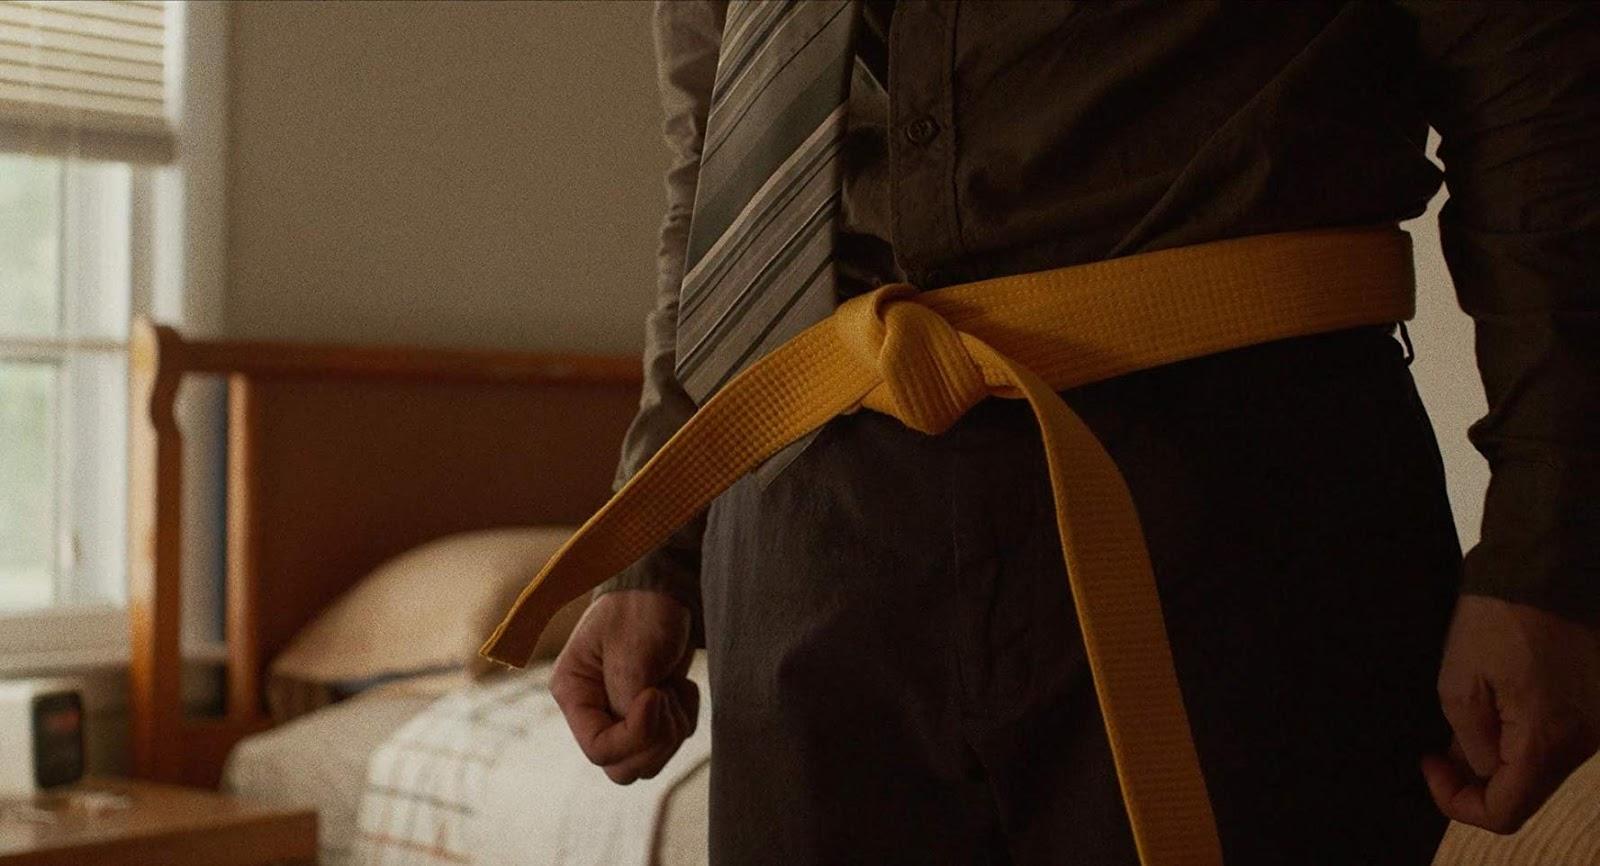 Det gula bältet i Art of Self-Defense